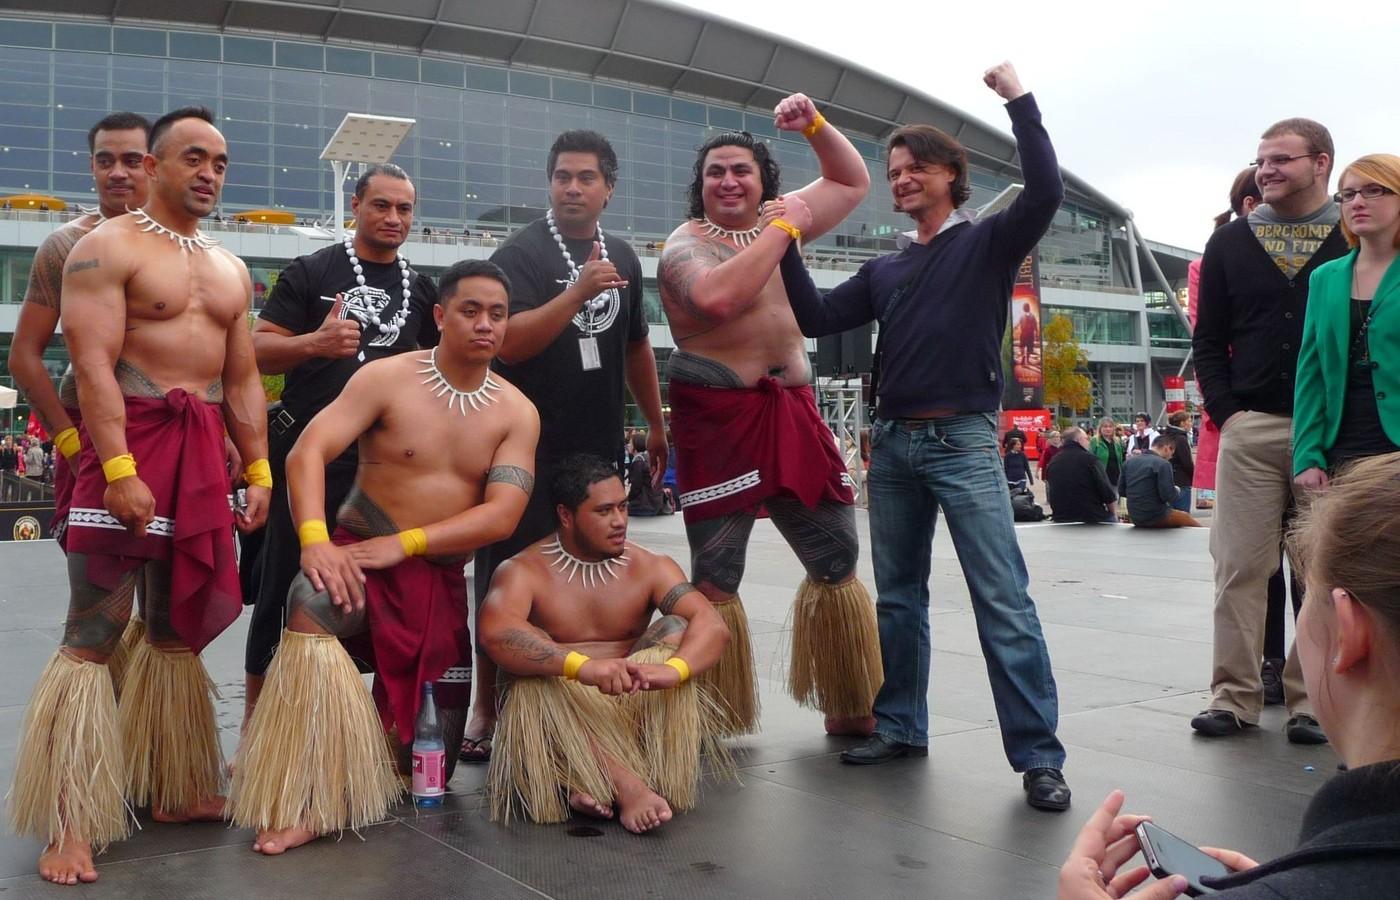 Urostlí maorští tanečníci nemluvili maorsky, ale plynnou angličtinou